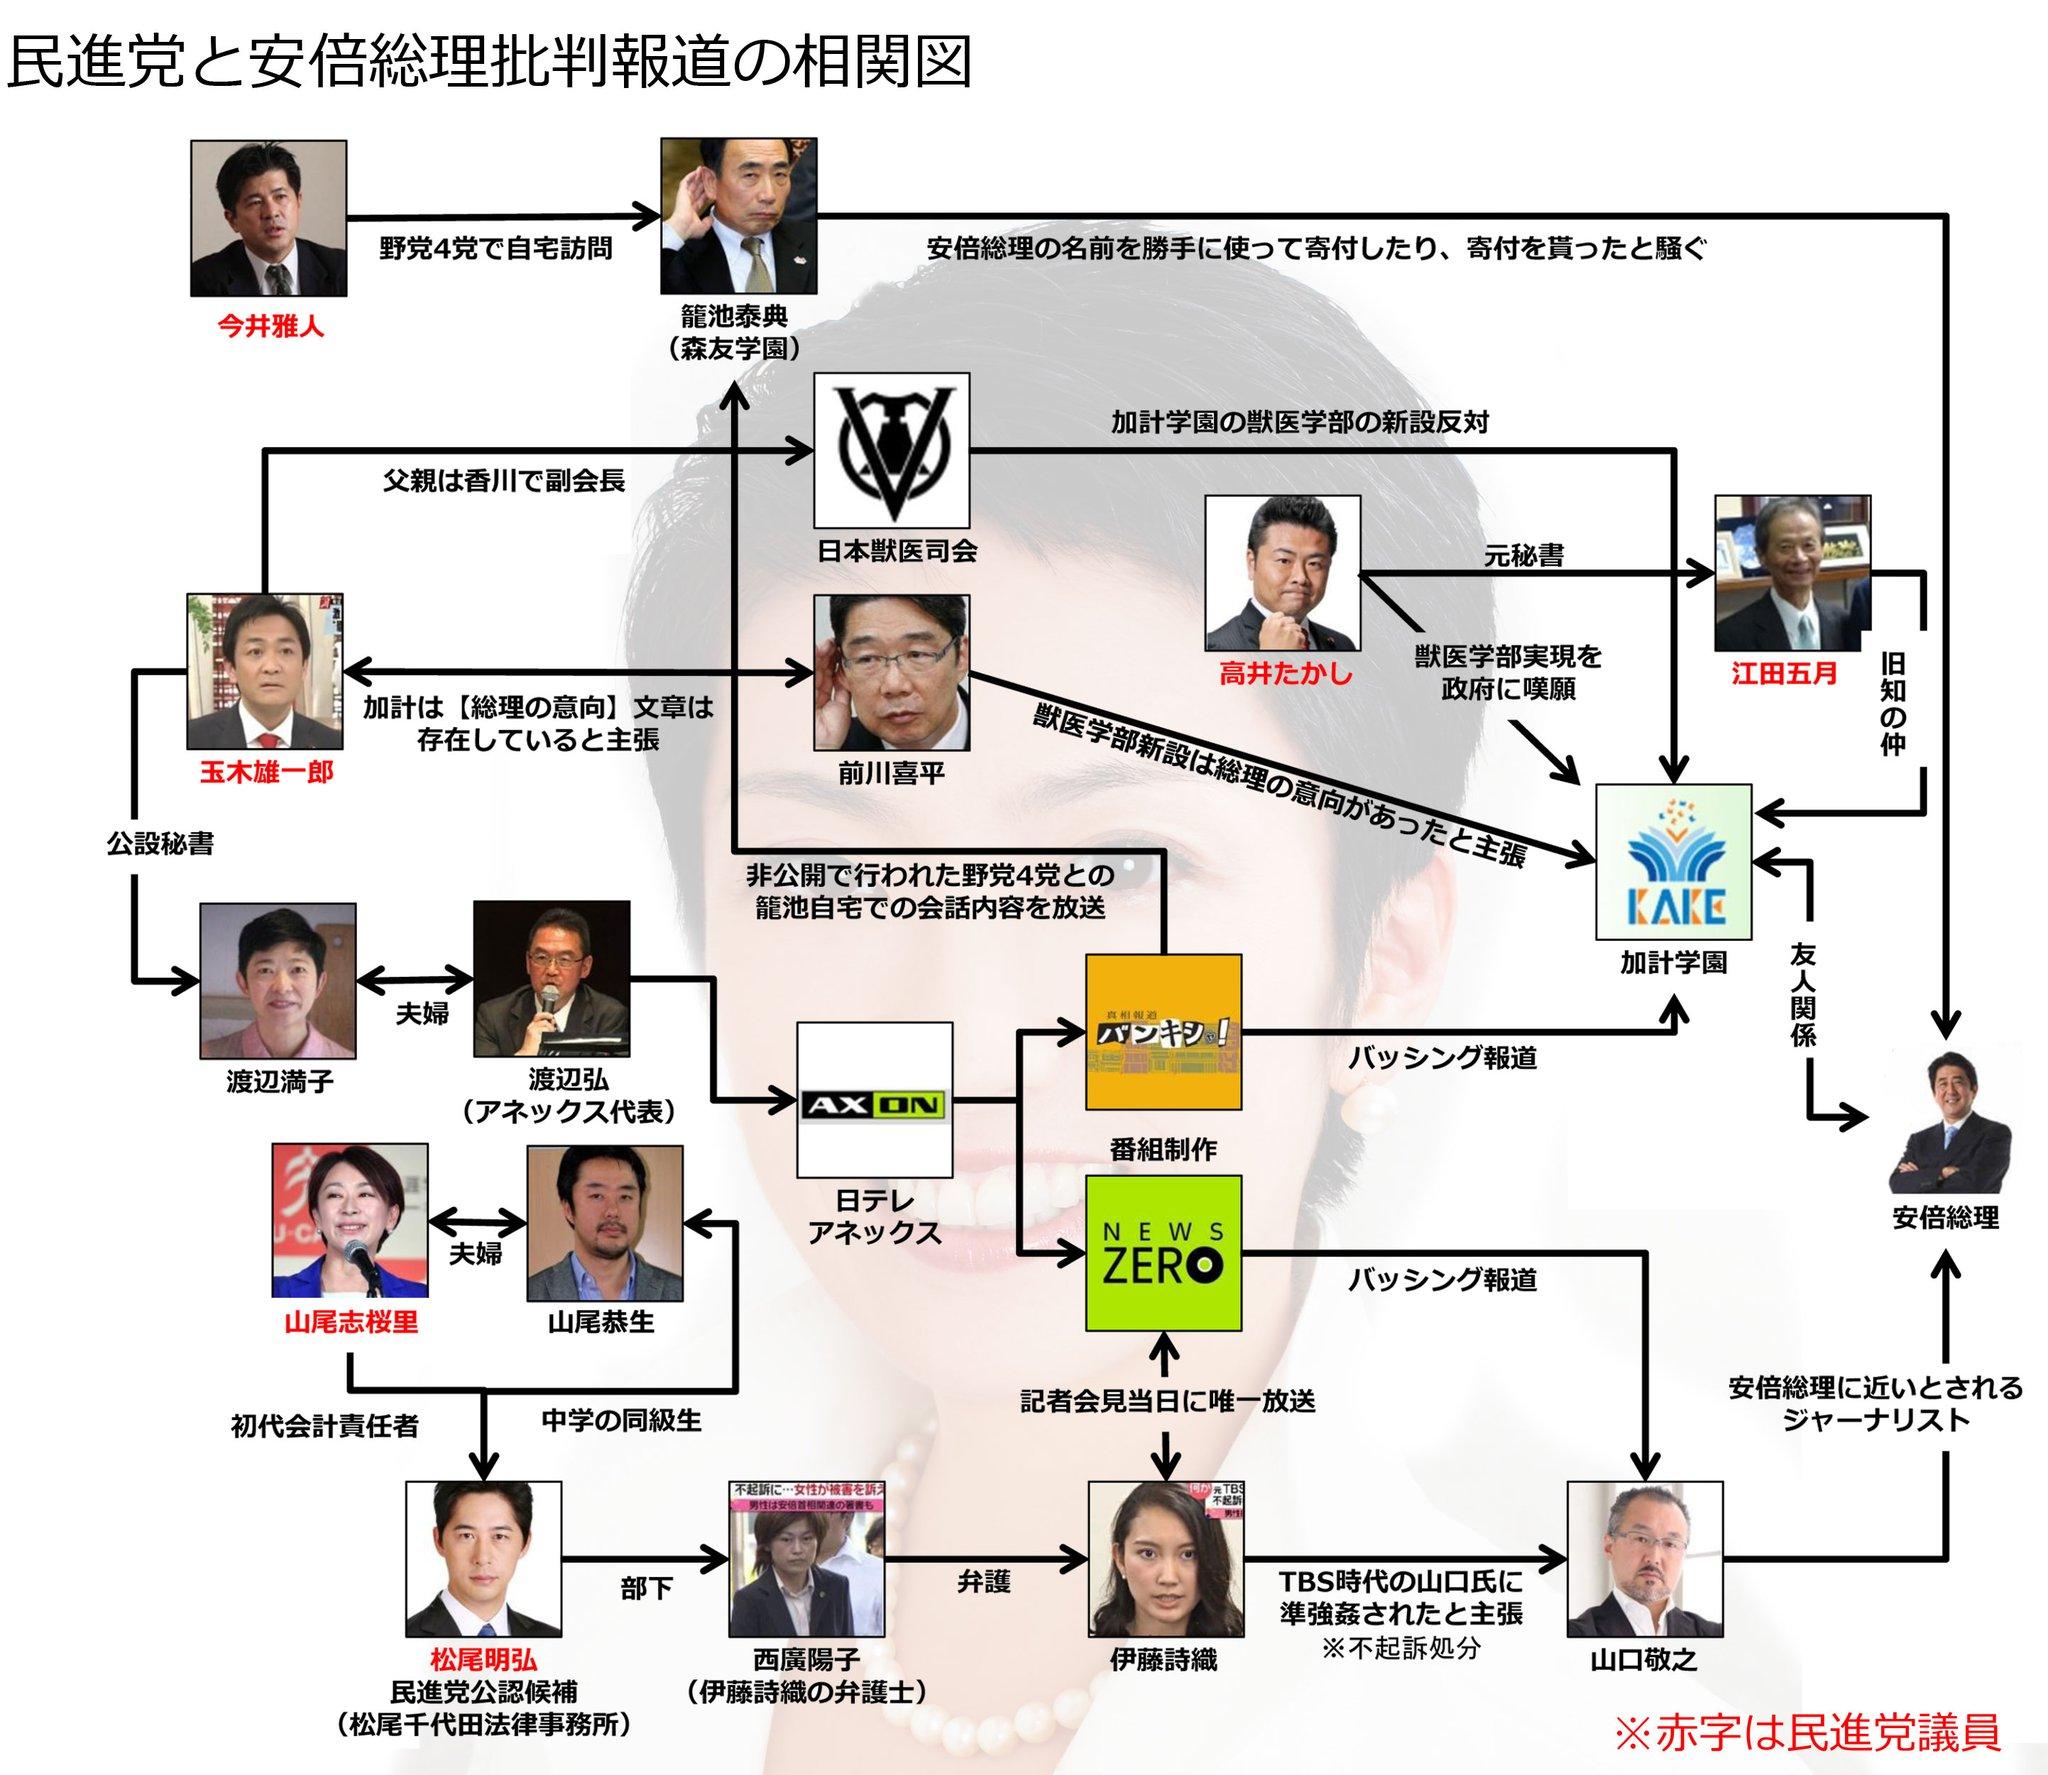 民進党と安倍総理批判報道の相関図